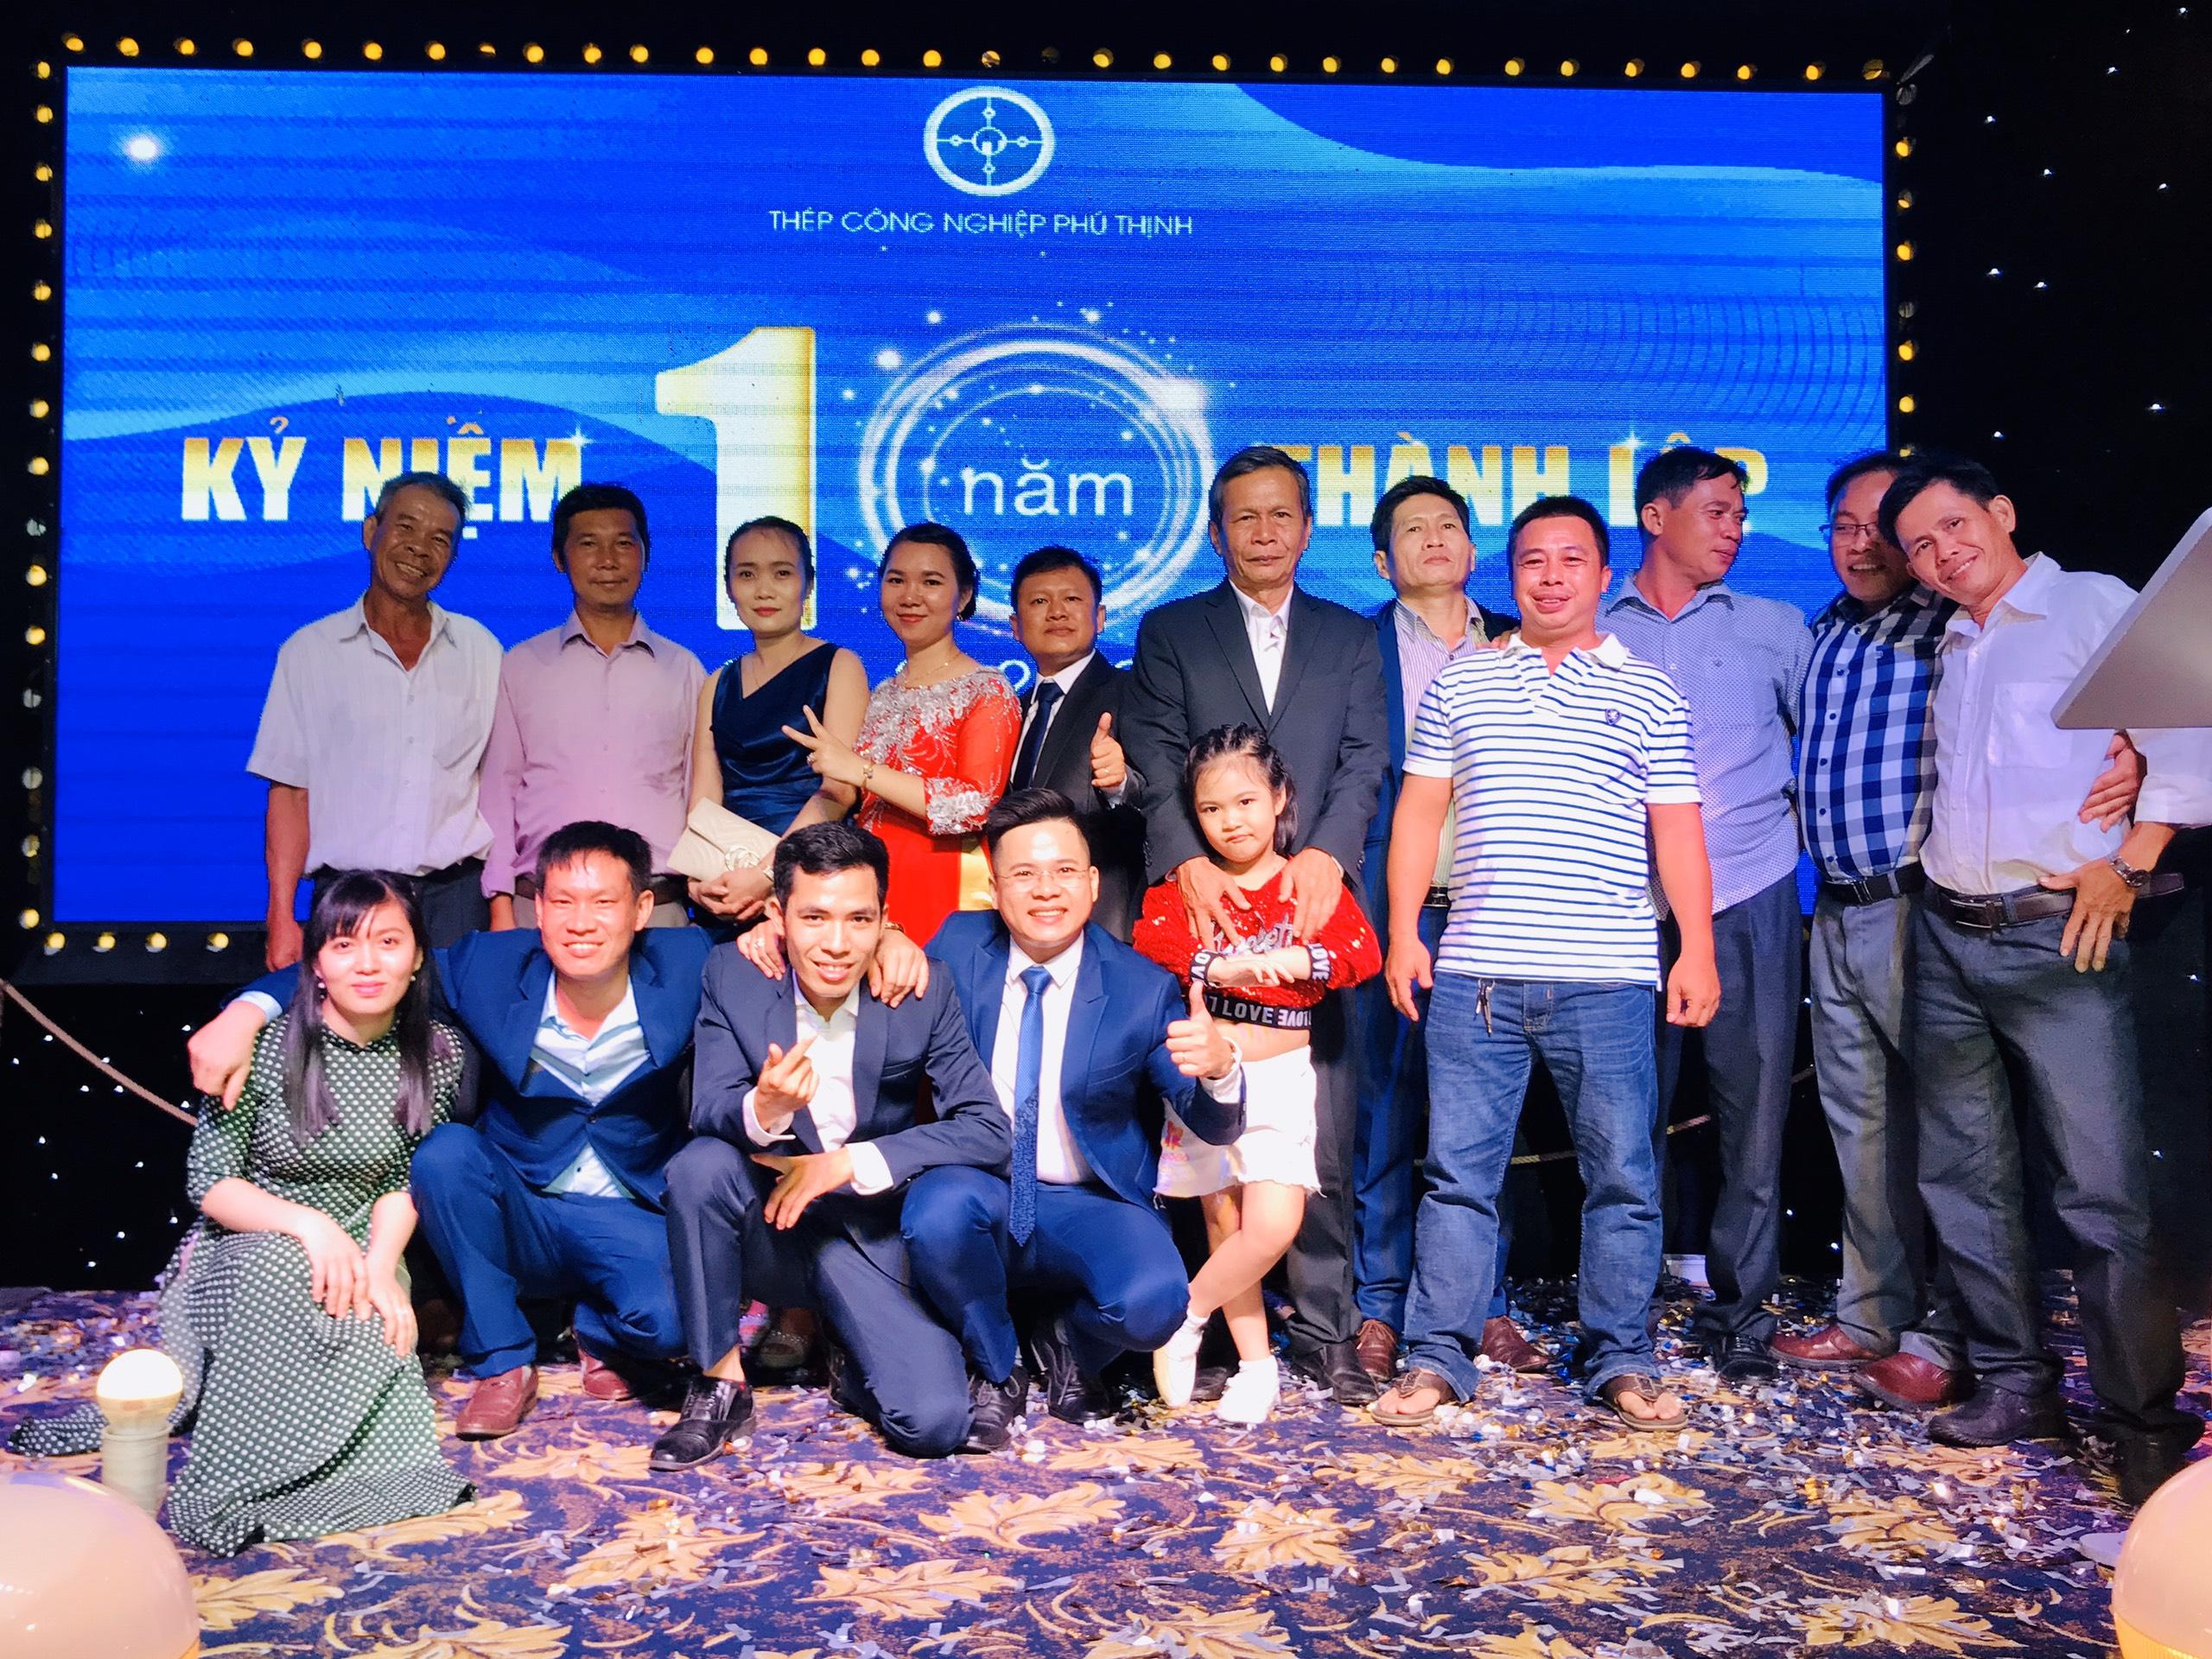 Những đối tác - người bạn thân thiết cùng nối vòng tay lớn với gia đình Thép công nghiệp Phú Thịnh